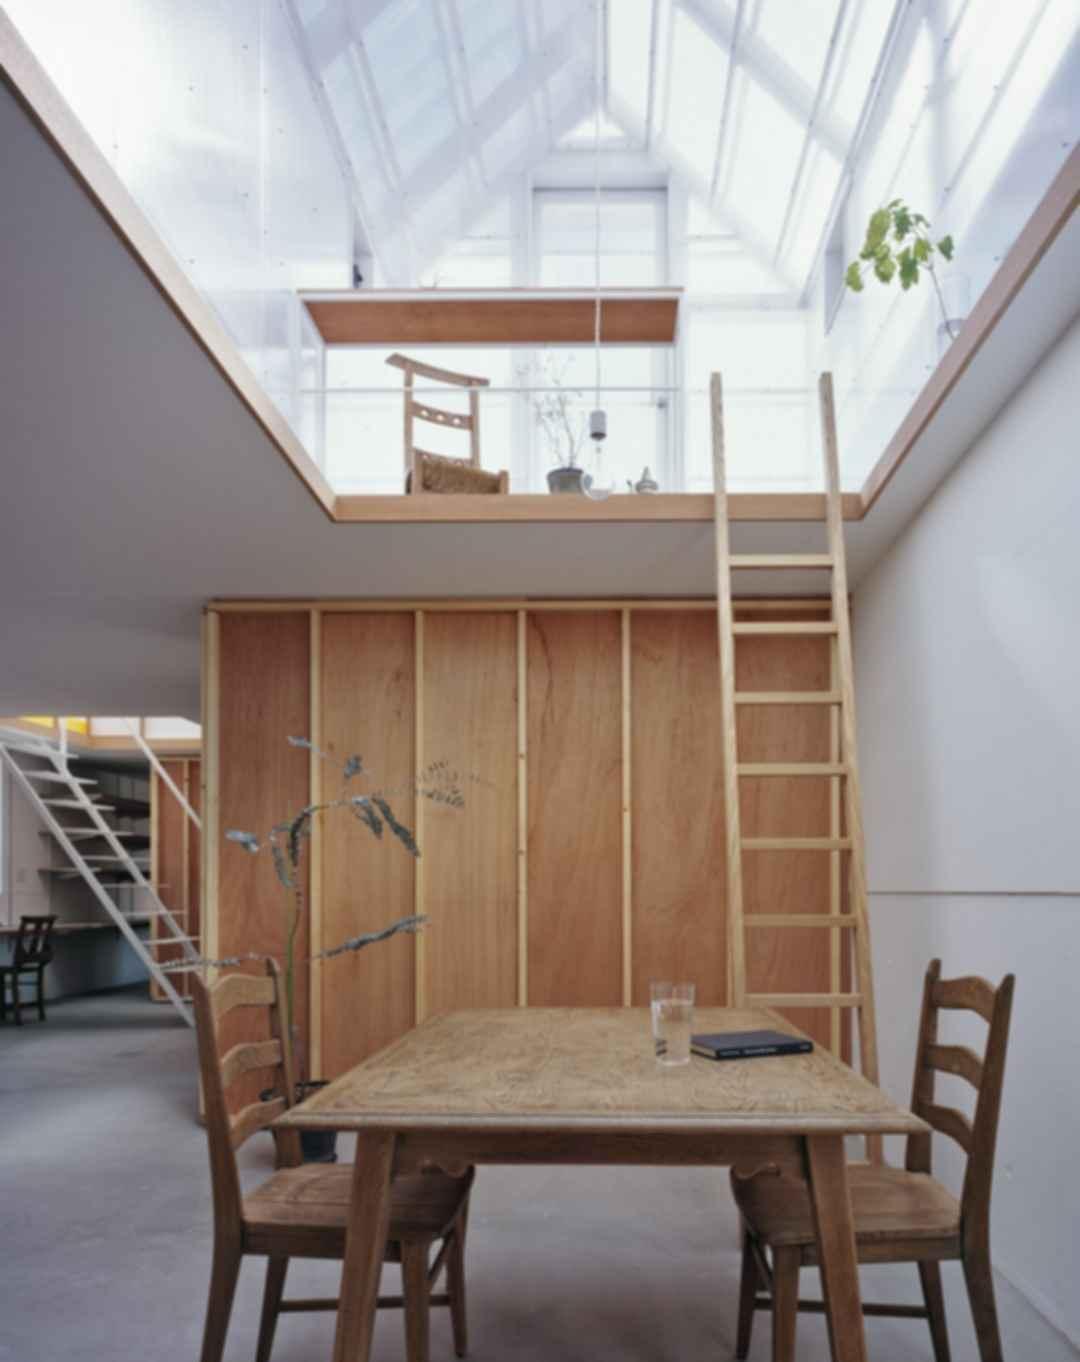 A Home for Climbers - Interior